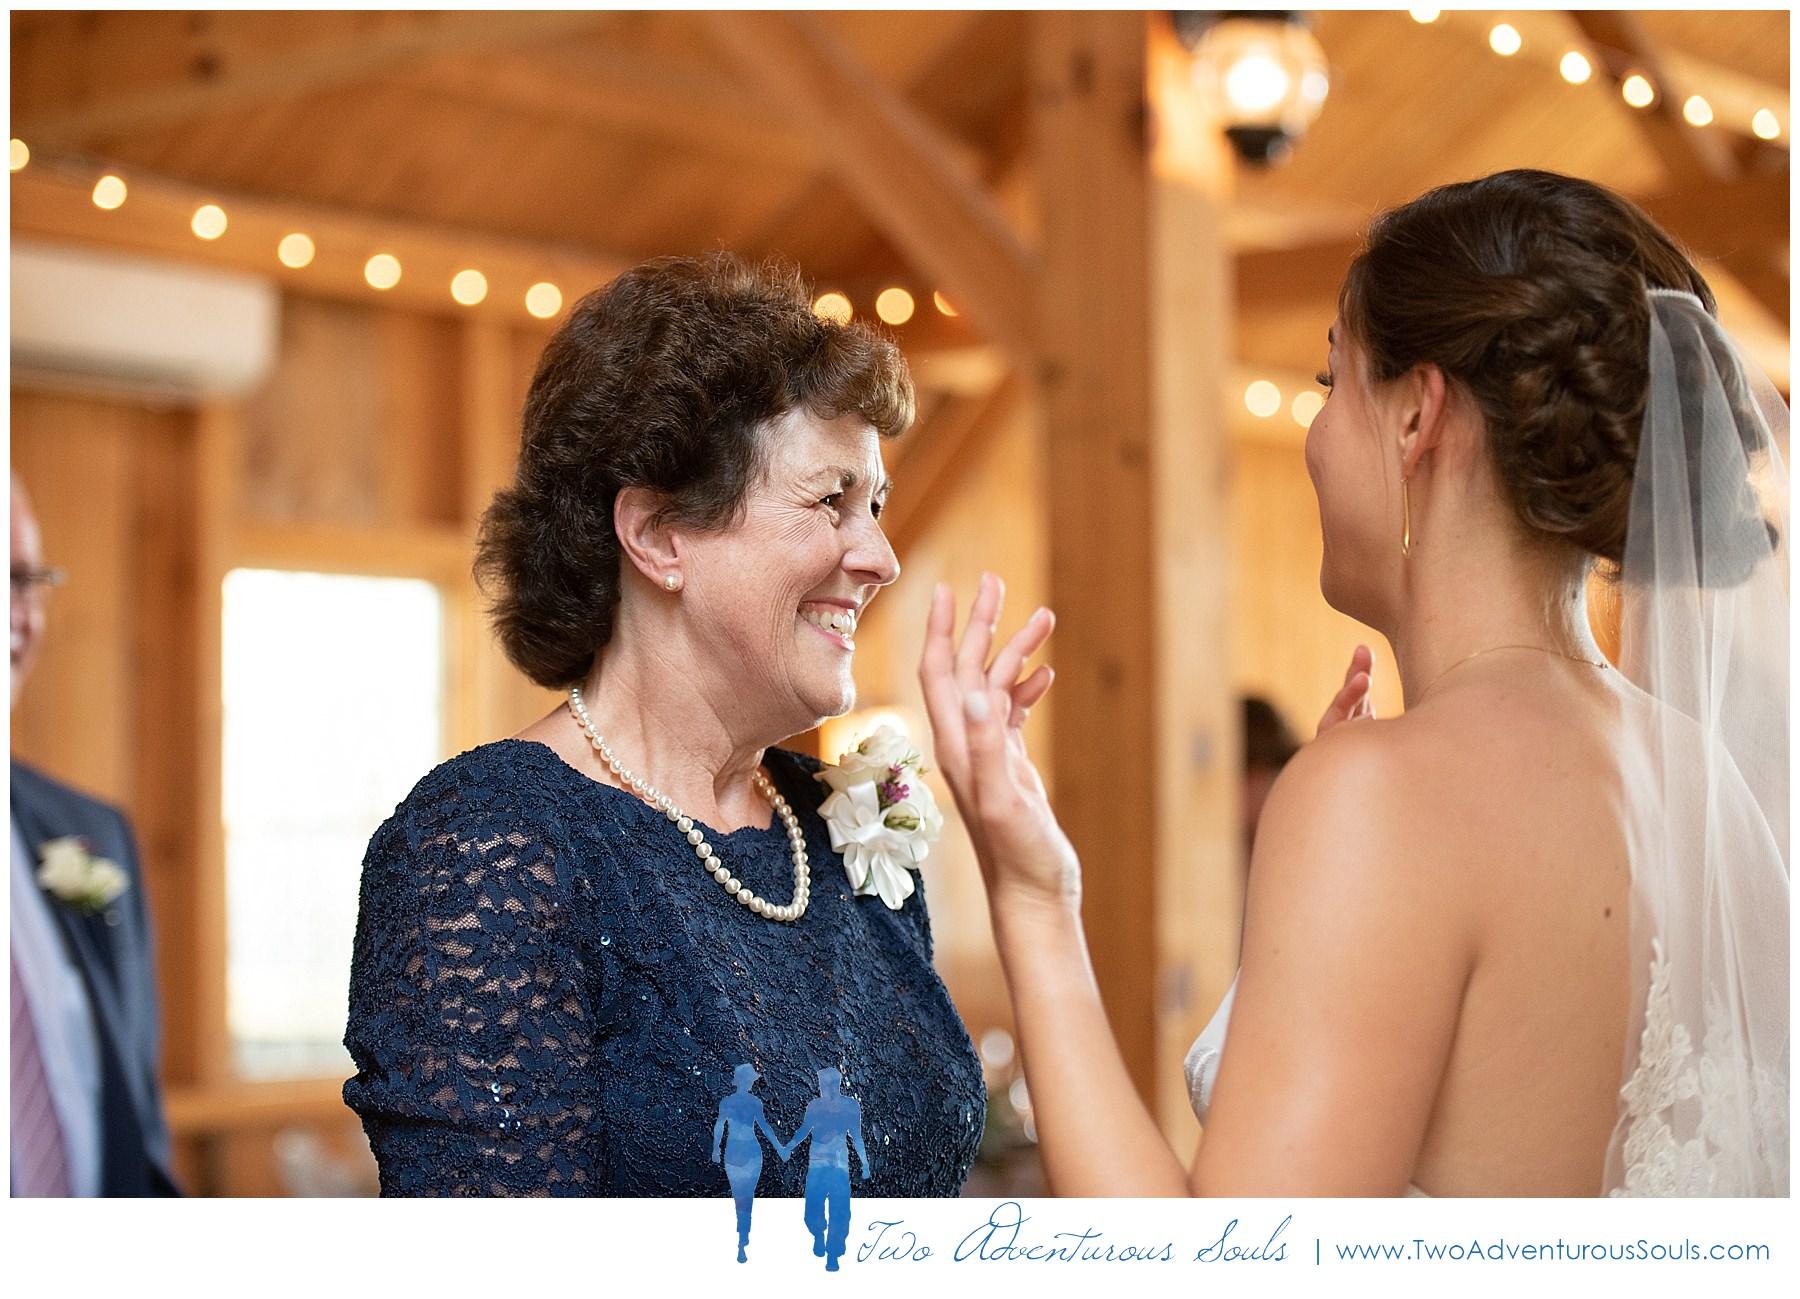 Maine Wedding Photographers, Granite Ridge Estate Wedding Photographers, Two Adventurous Souls - 080319_0030.jpg